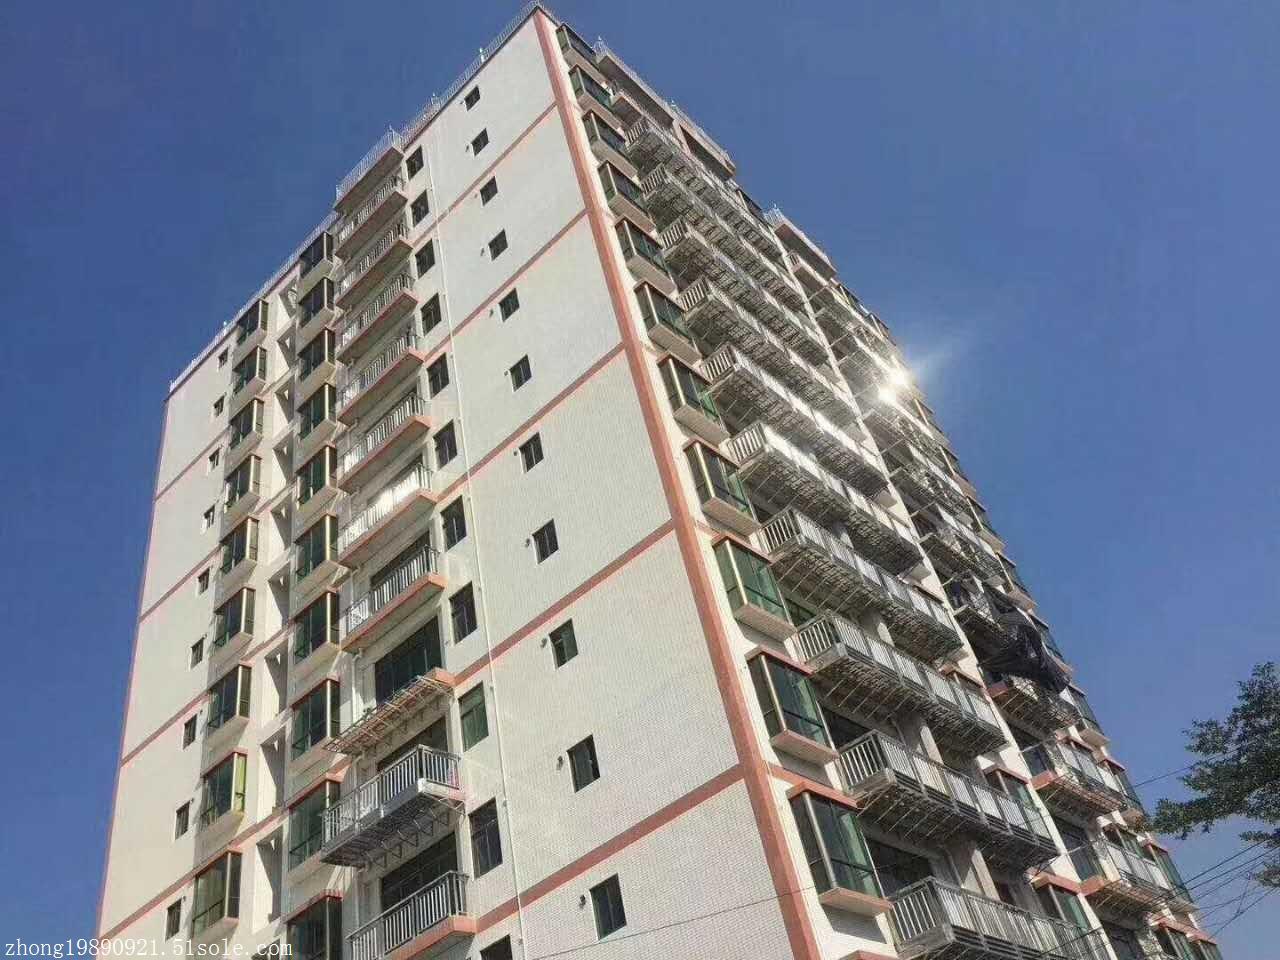 沙井村委统建楼 沙井中南环路边 财富公寓